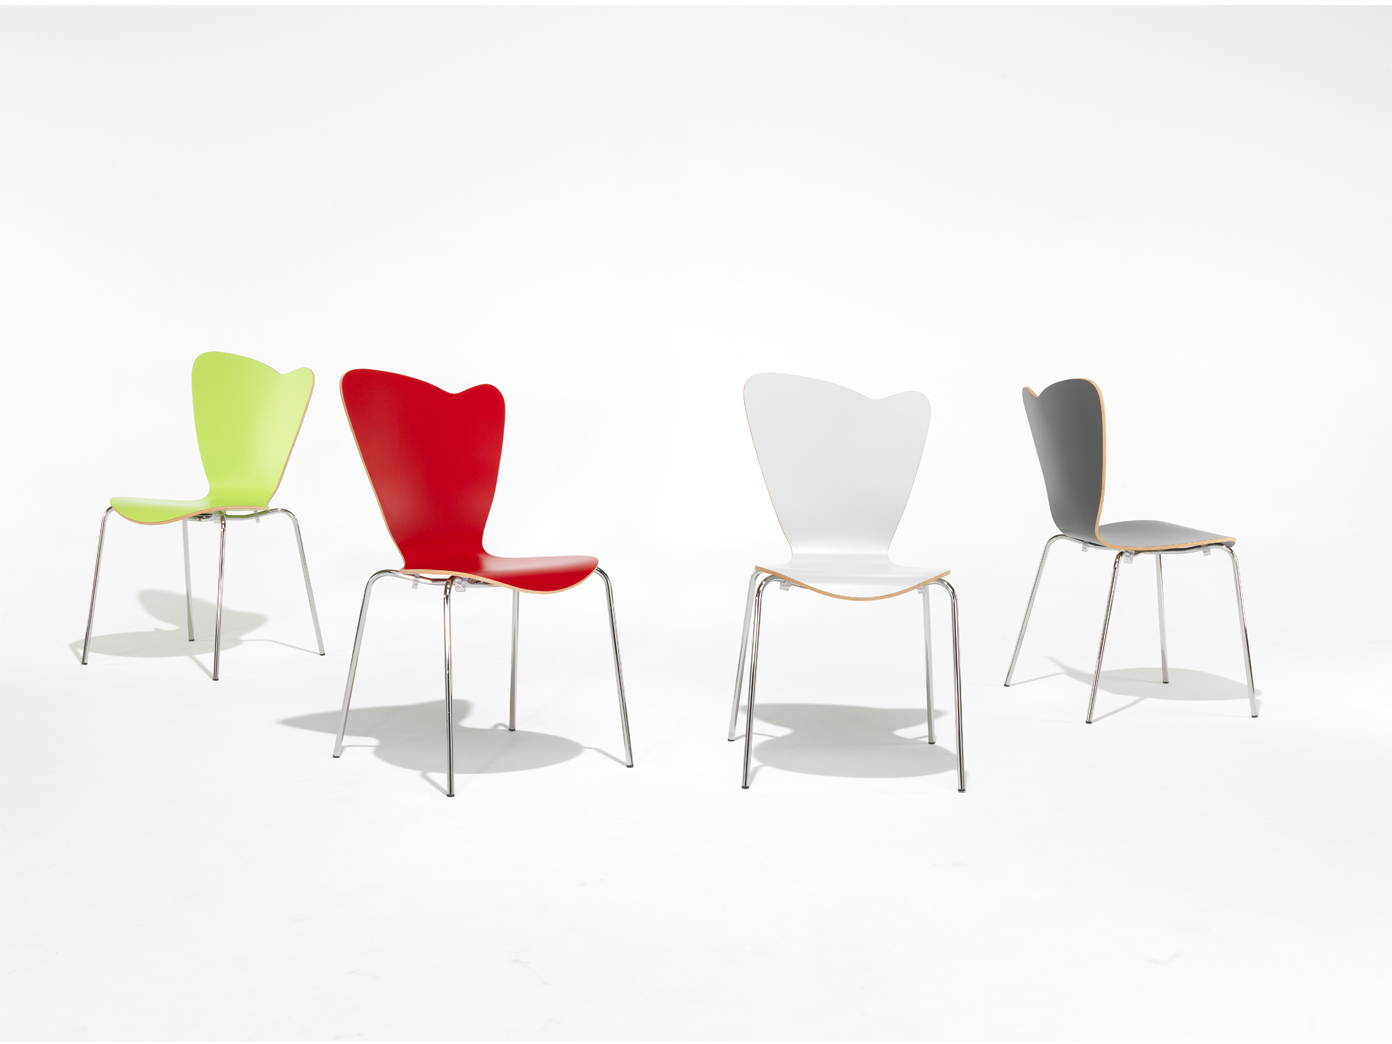 4er design stuhl heart rot stapelstuhl esszimmerstuhl for Schalenstuhl design